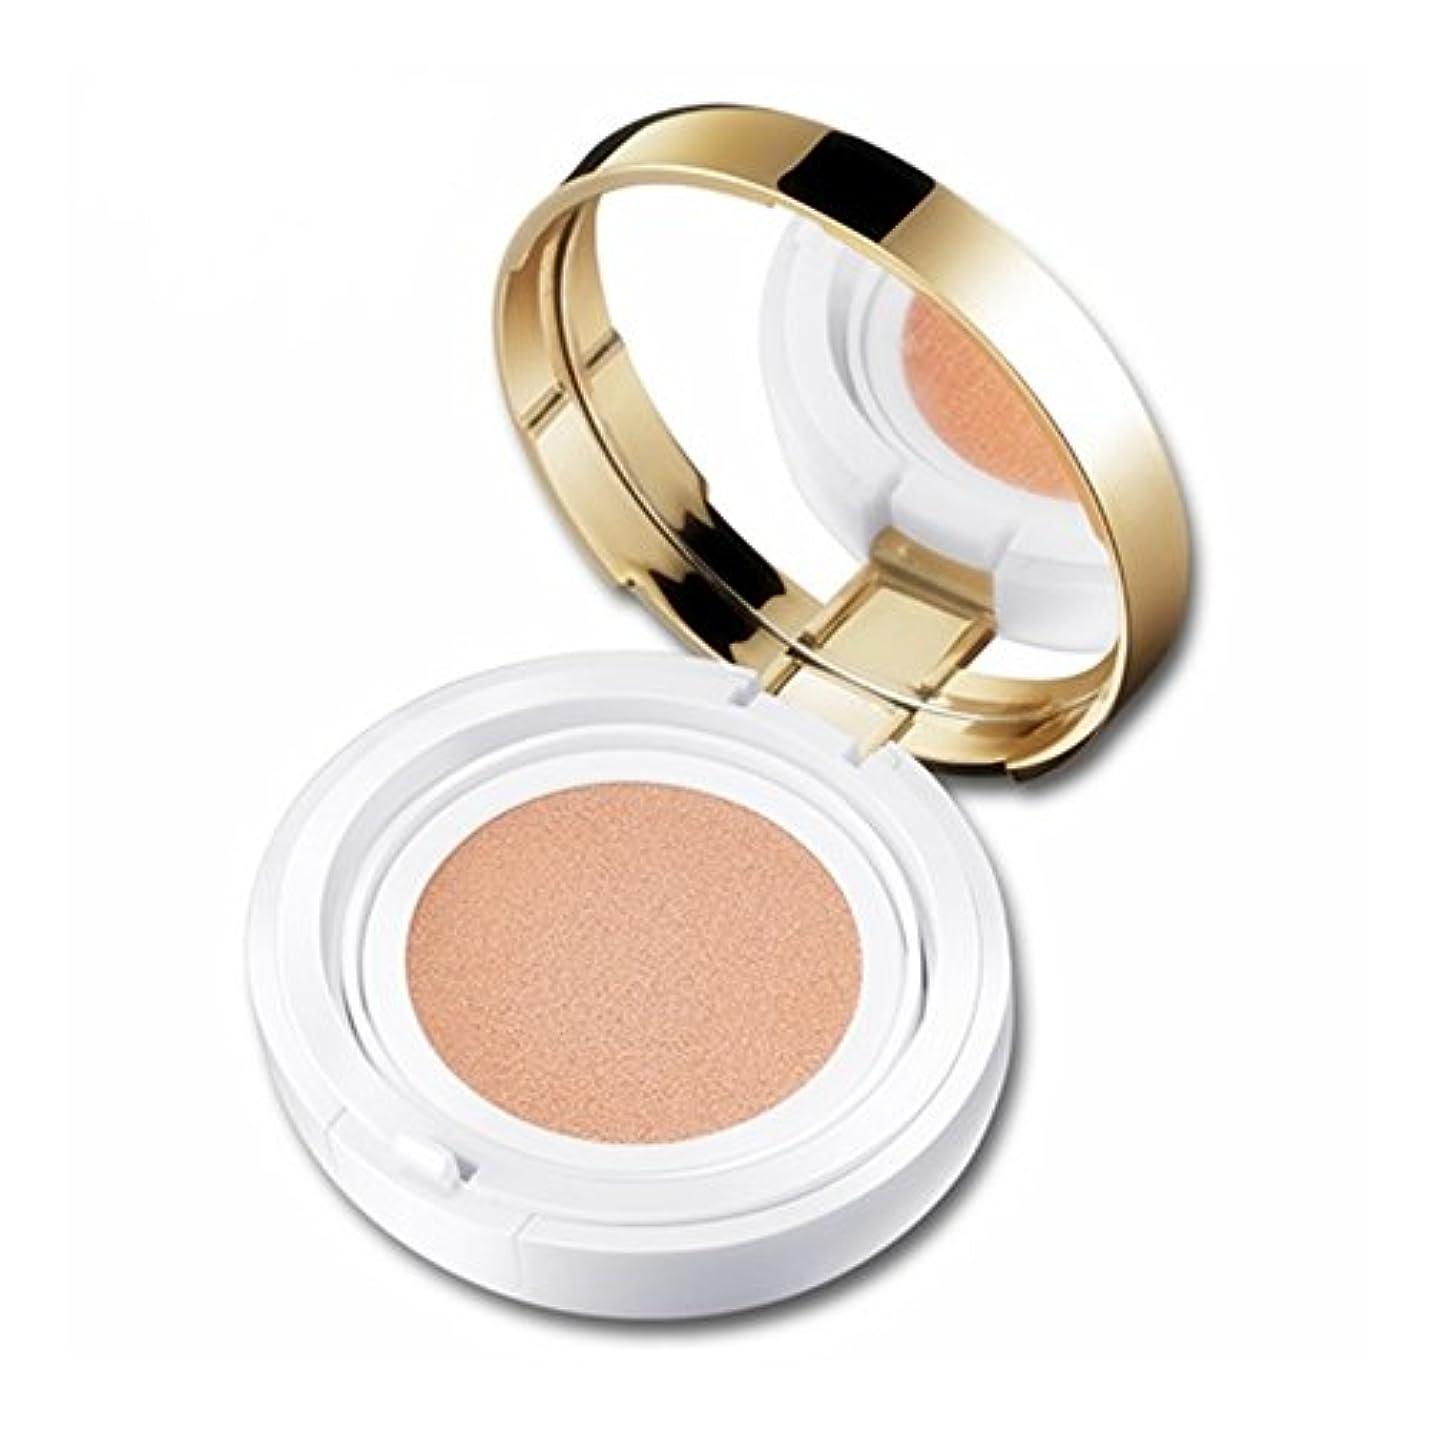 反対するモーター姓Flawless Makeup Air Cushion BB Cream Moisturizing Natural Tone Bare Makeup Concealer Primer Color Foundation Cosmetics...